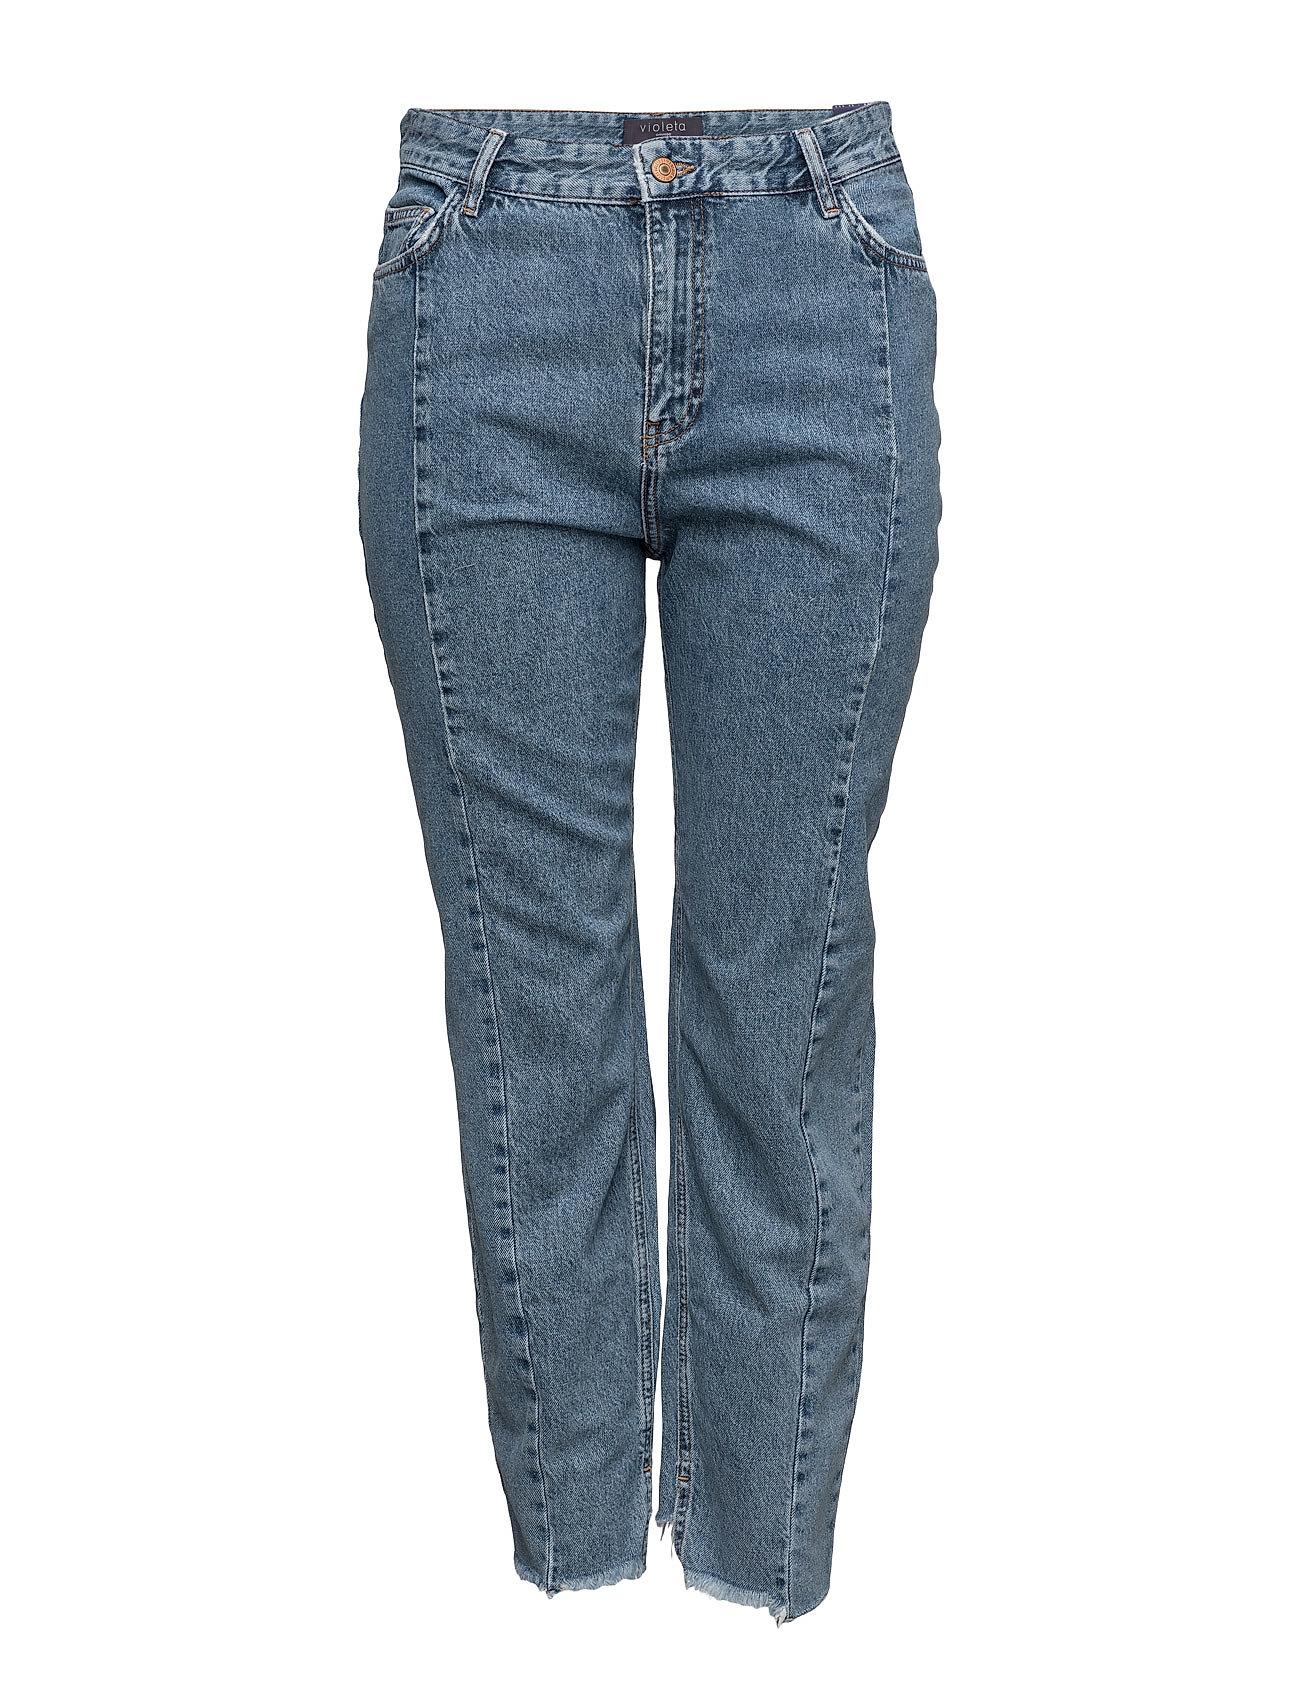 Mom-Fit Desi Jeans Violeta by Mango Bukser til Kvinder i Open Blå